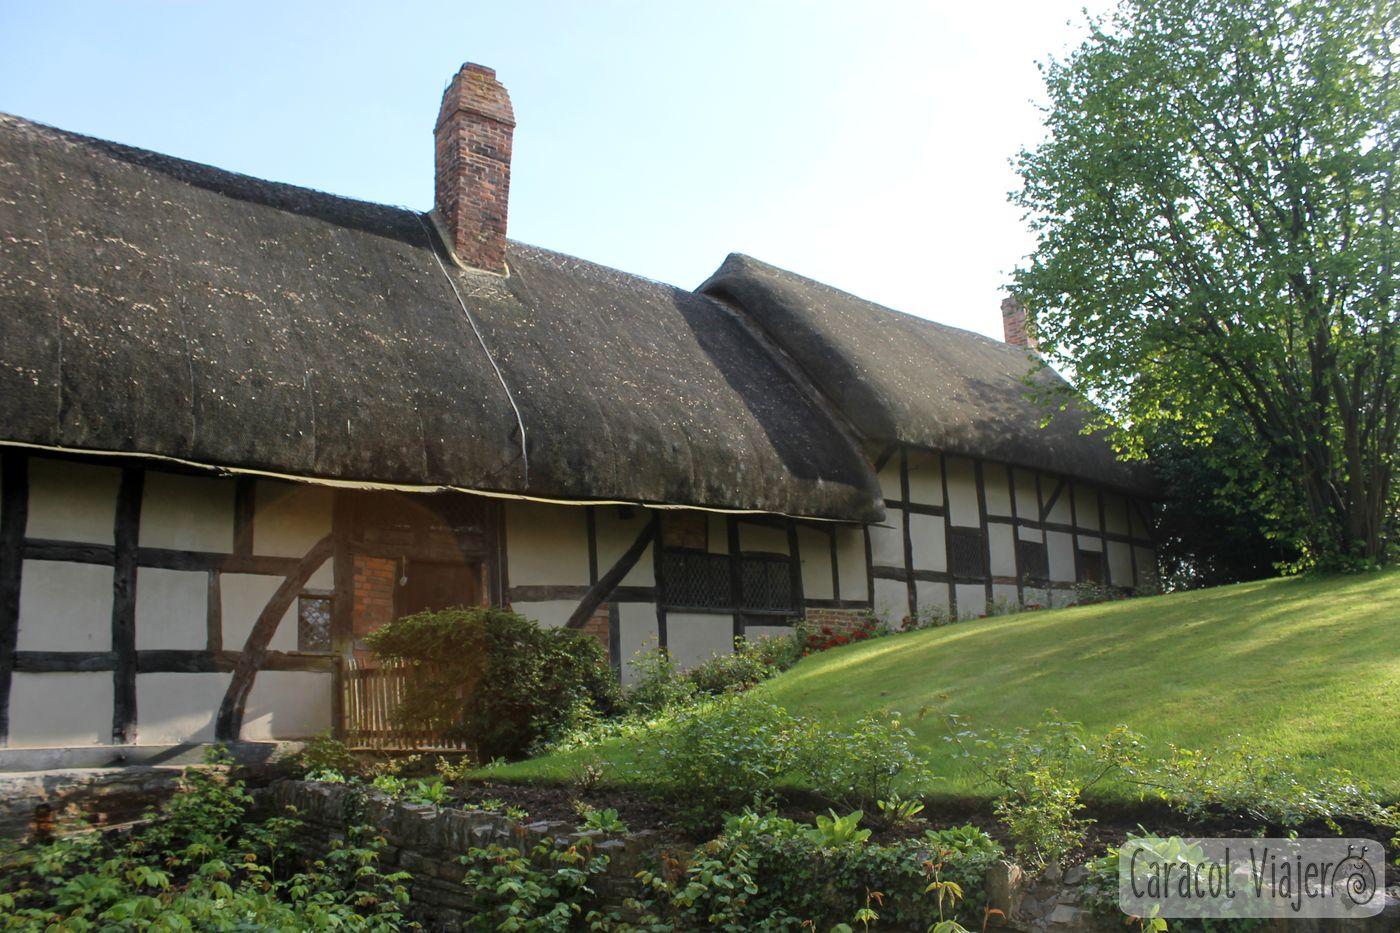 Anne Hatthaway Cottage afueras de Straford-upon-Avon